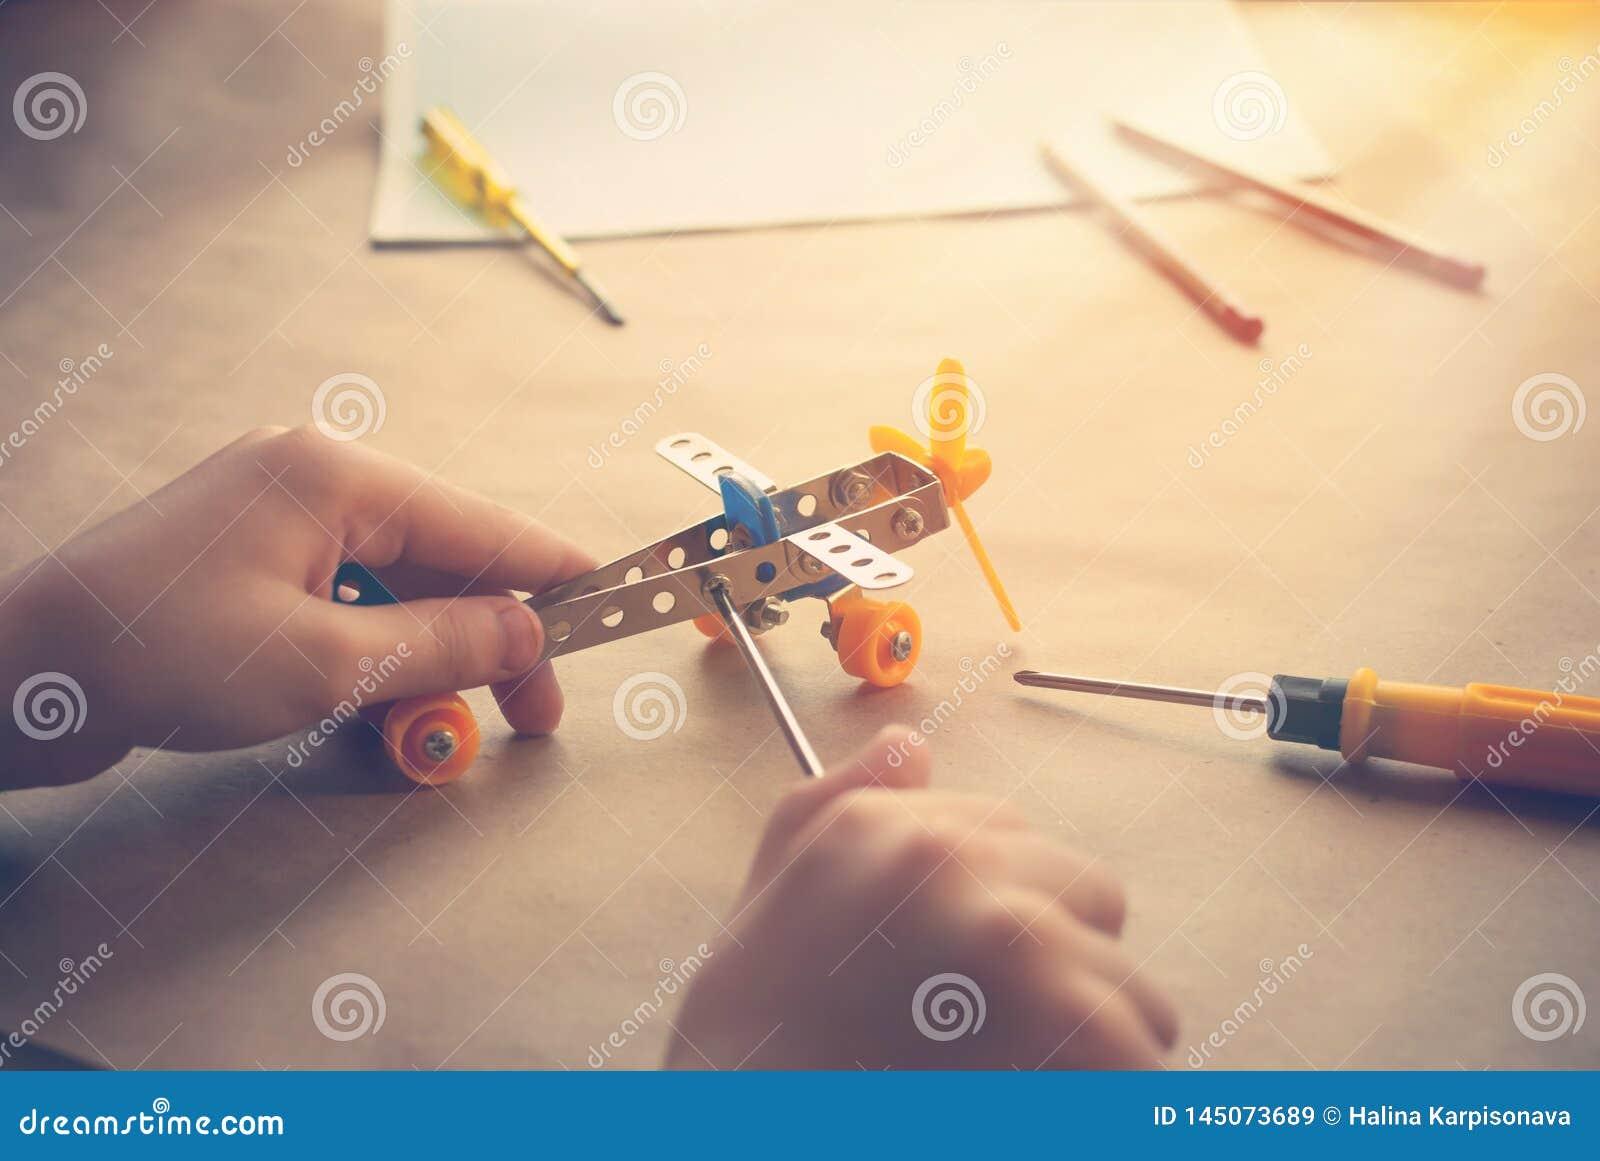 Mains d enfants avec l avion de fer de jouet Constructeur en métal avec des tournevis Le rêve, jouent et créent